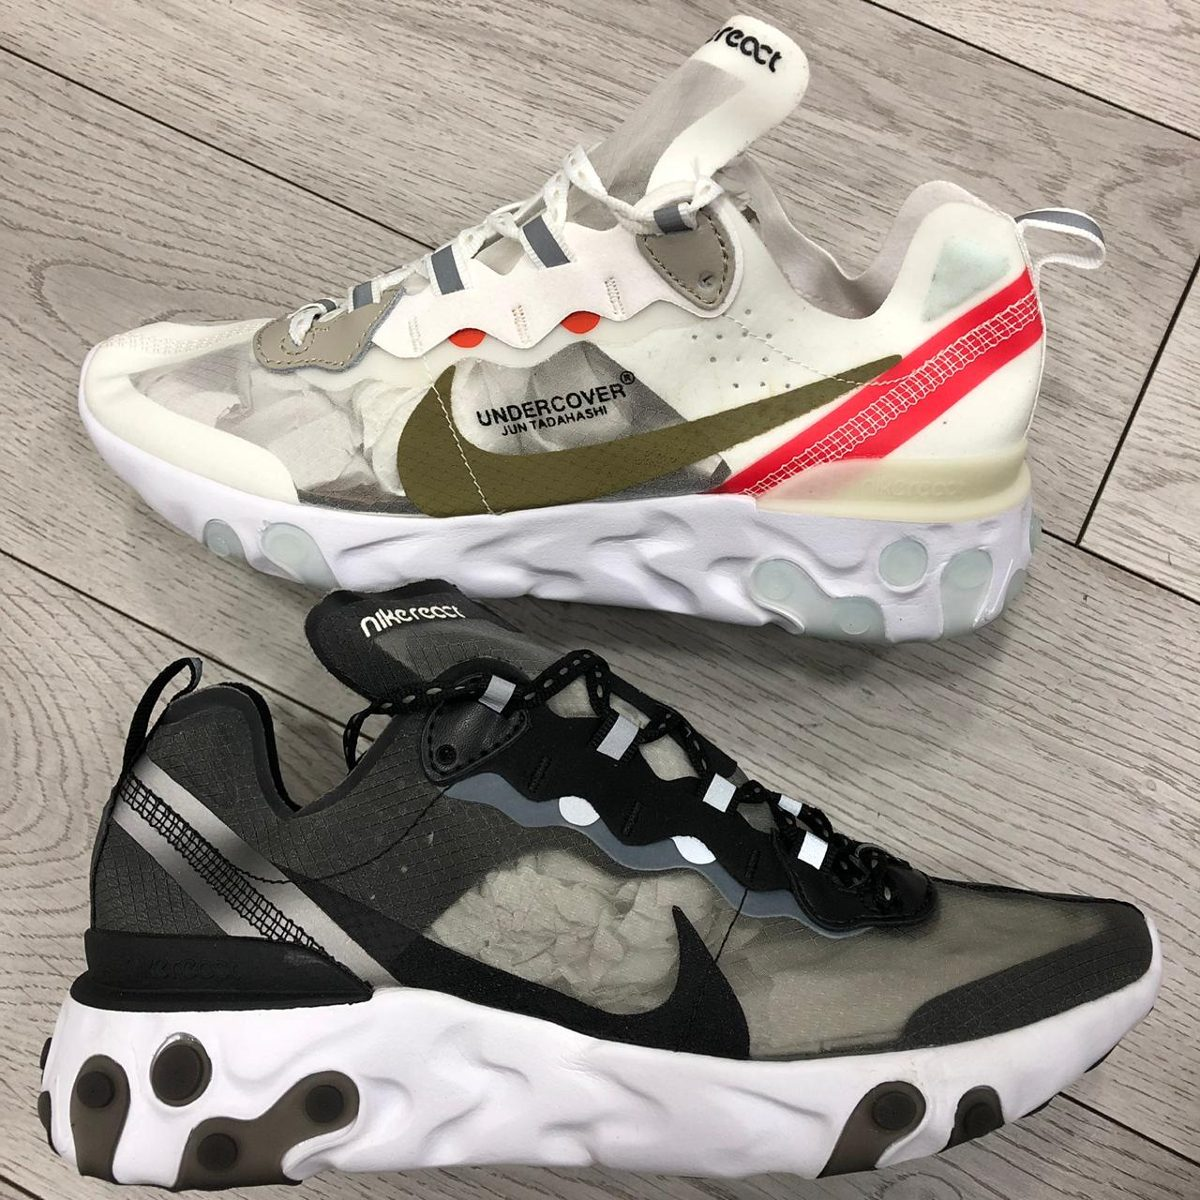 Nuevas Zapatillas Nike React Undercover - Hombre - 2019 -new